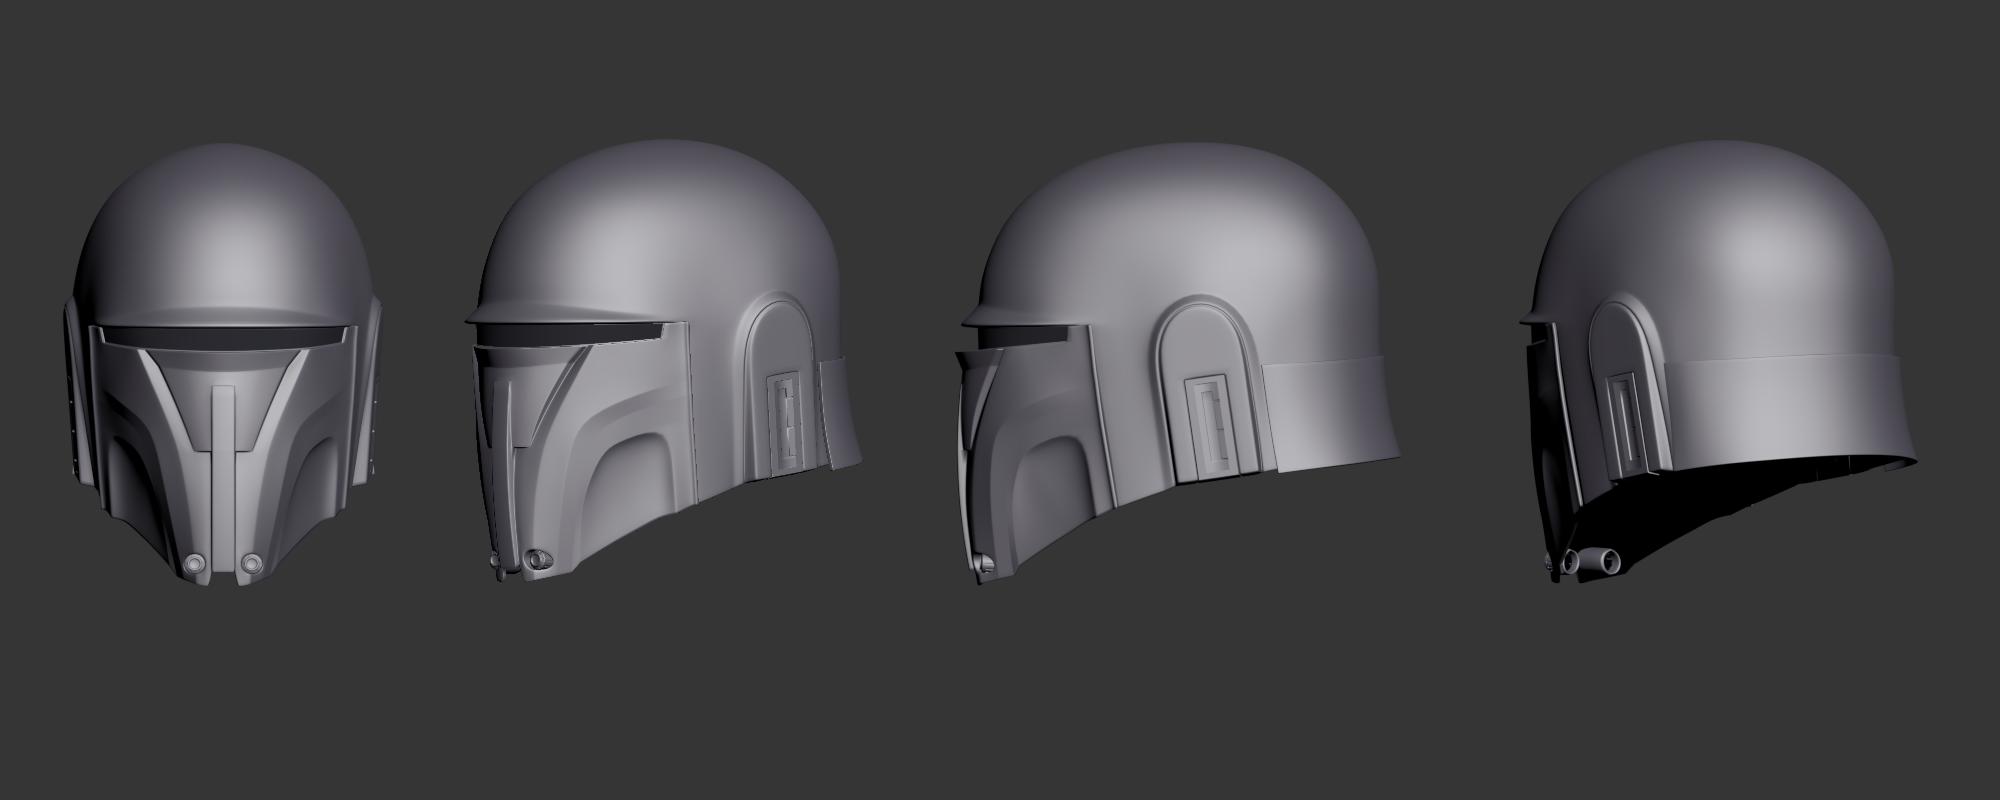 Helmet_WIP_001.png